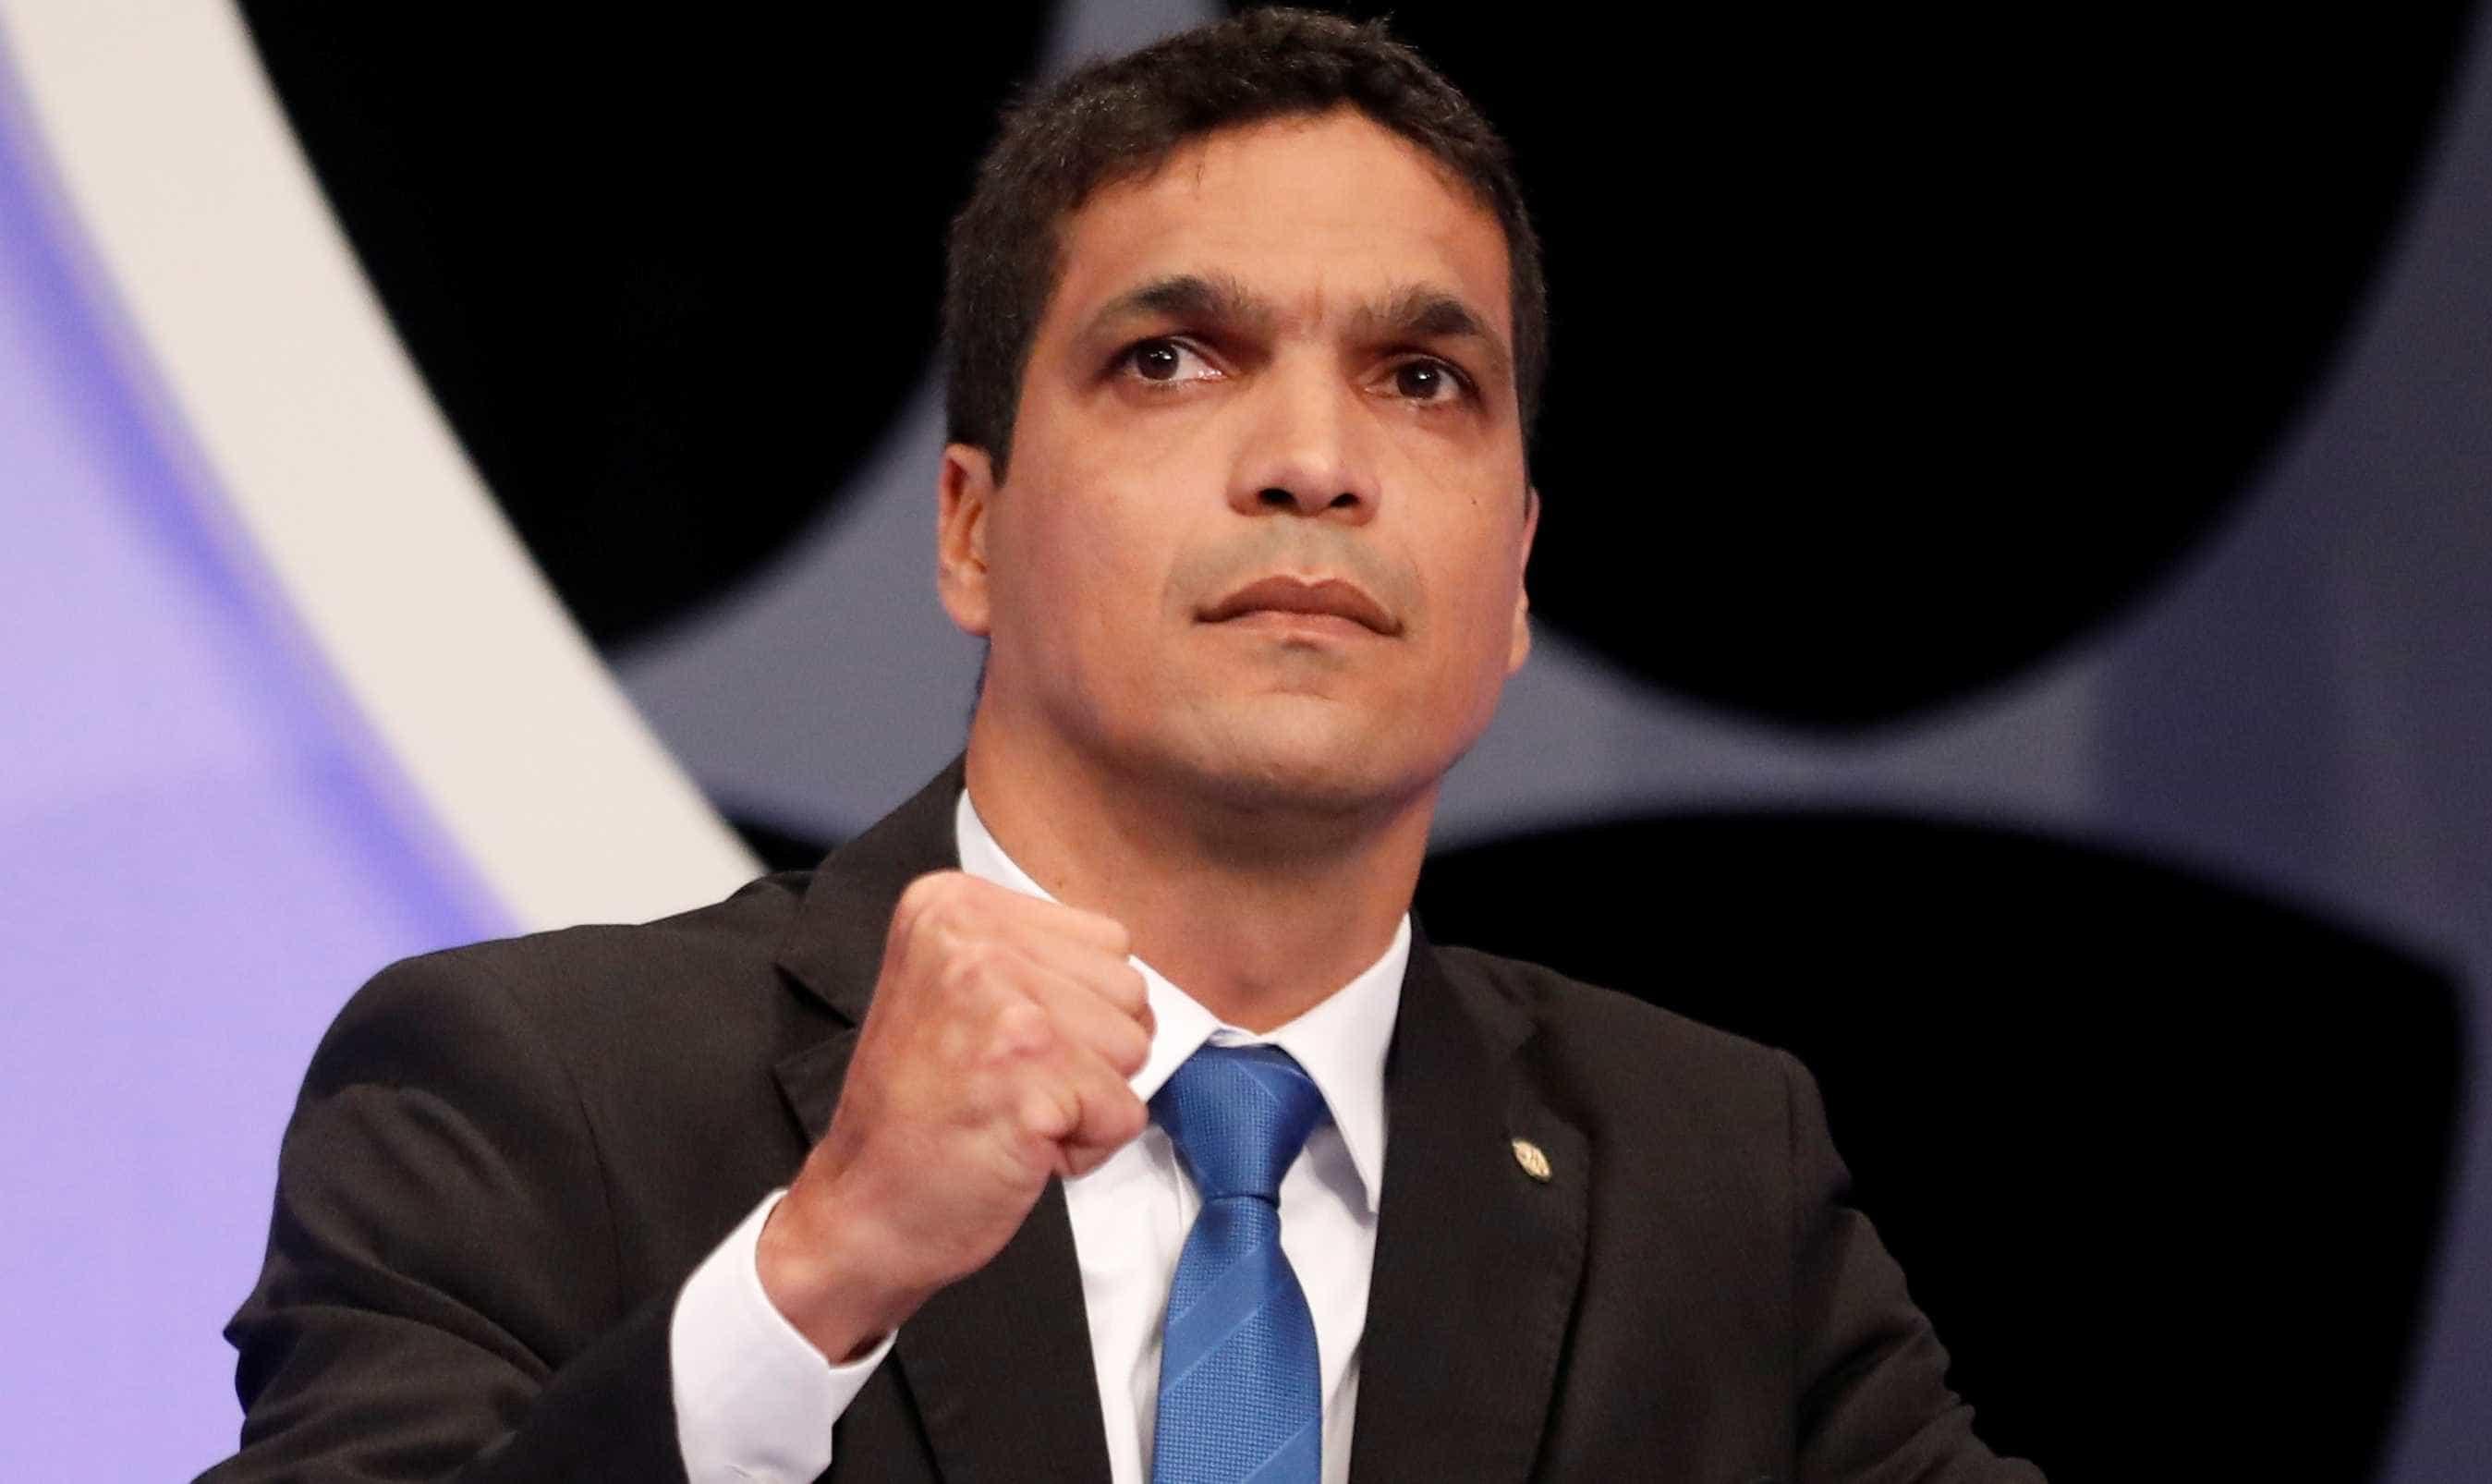 Cabo Daciolo quer ser prefeito do Rio de Janeiro e vai disputar eleição